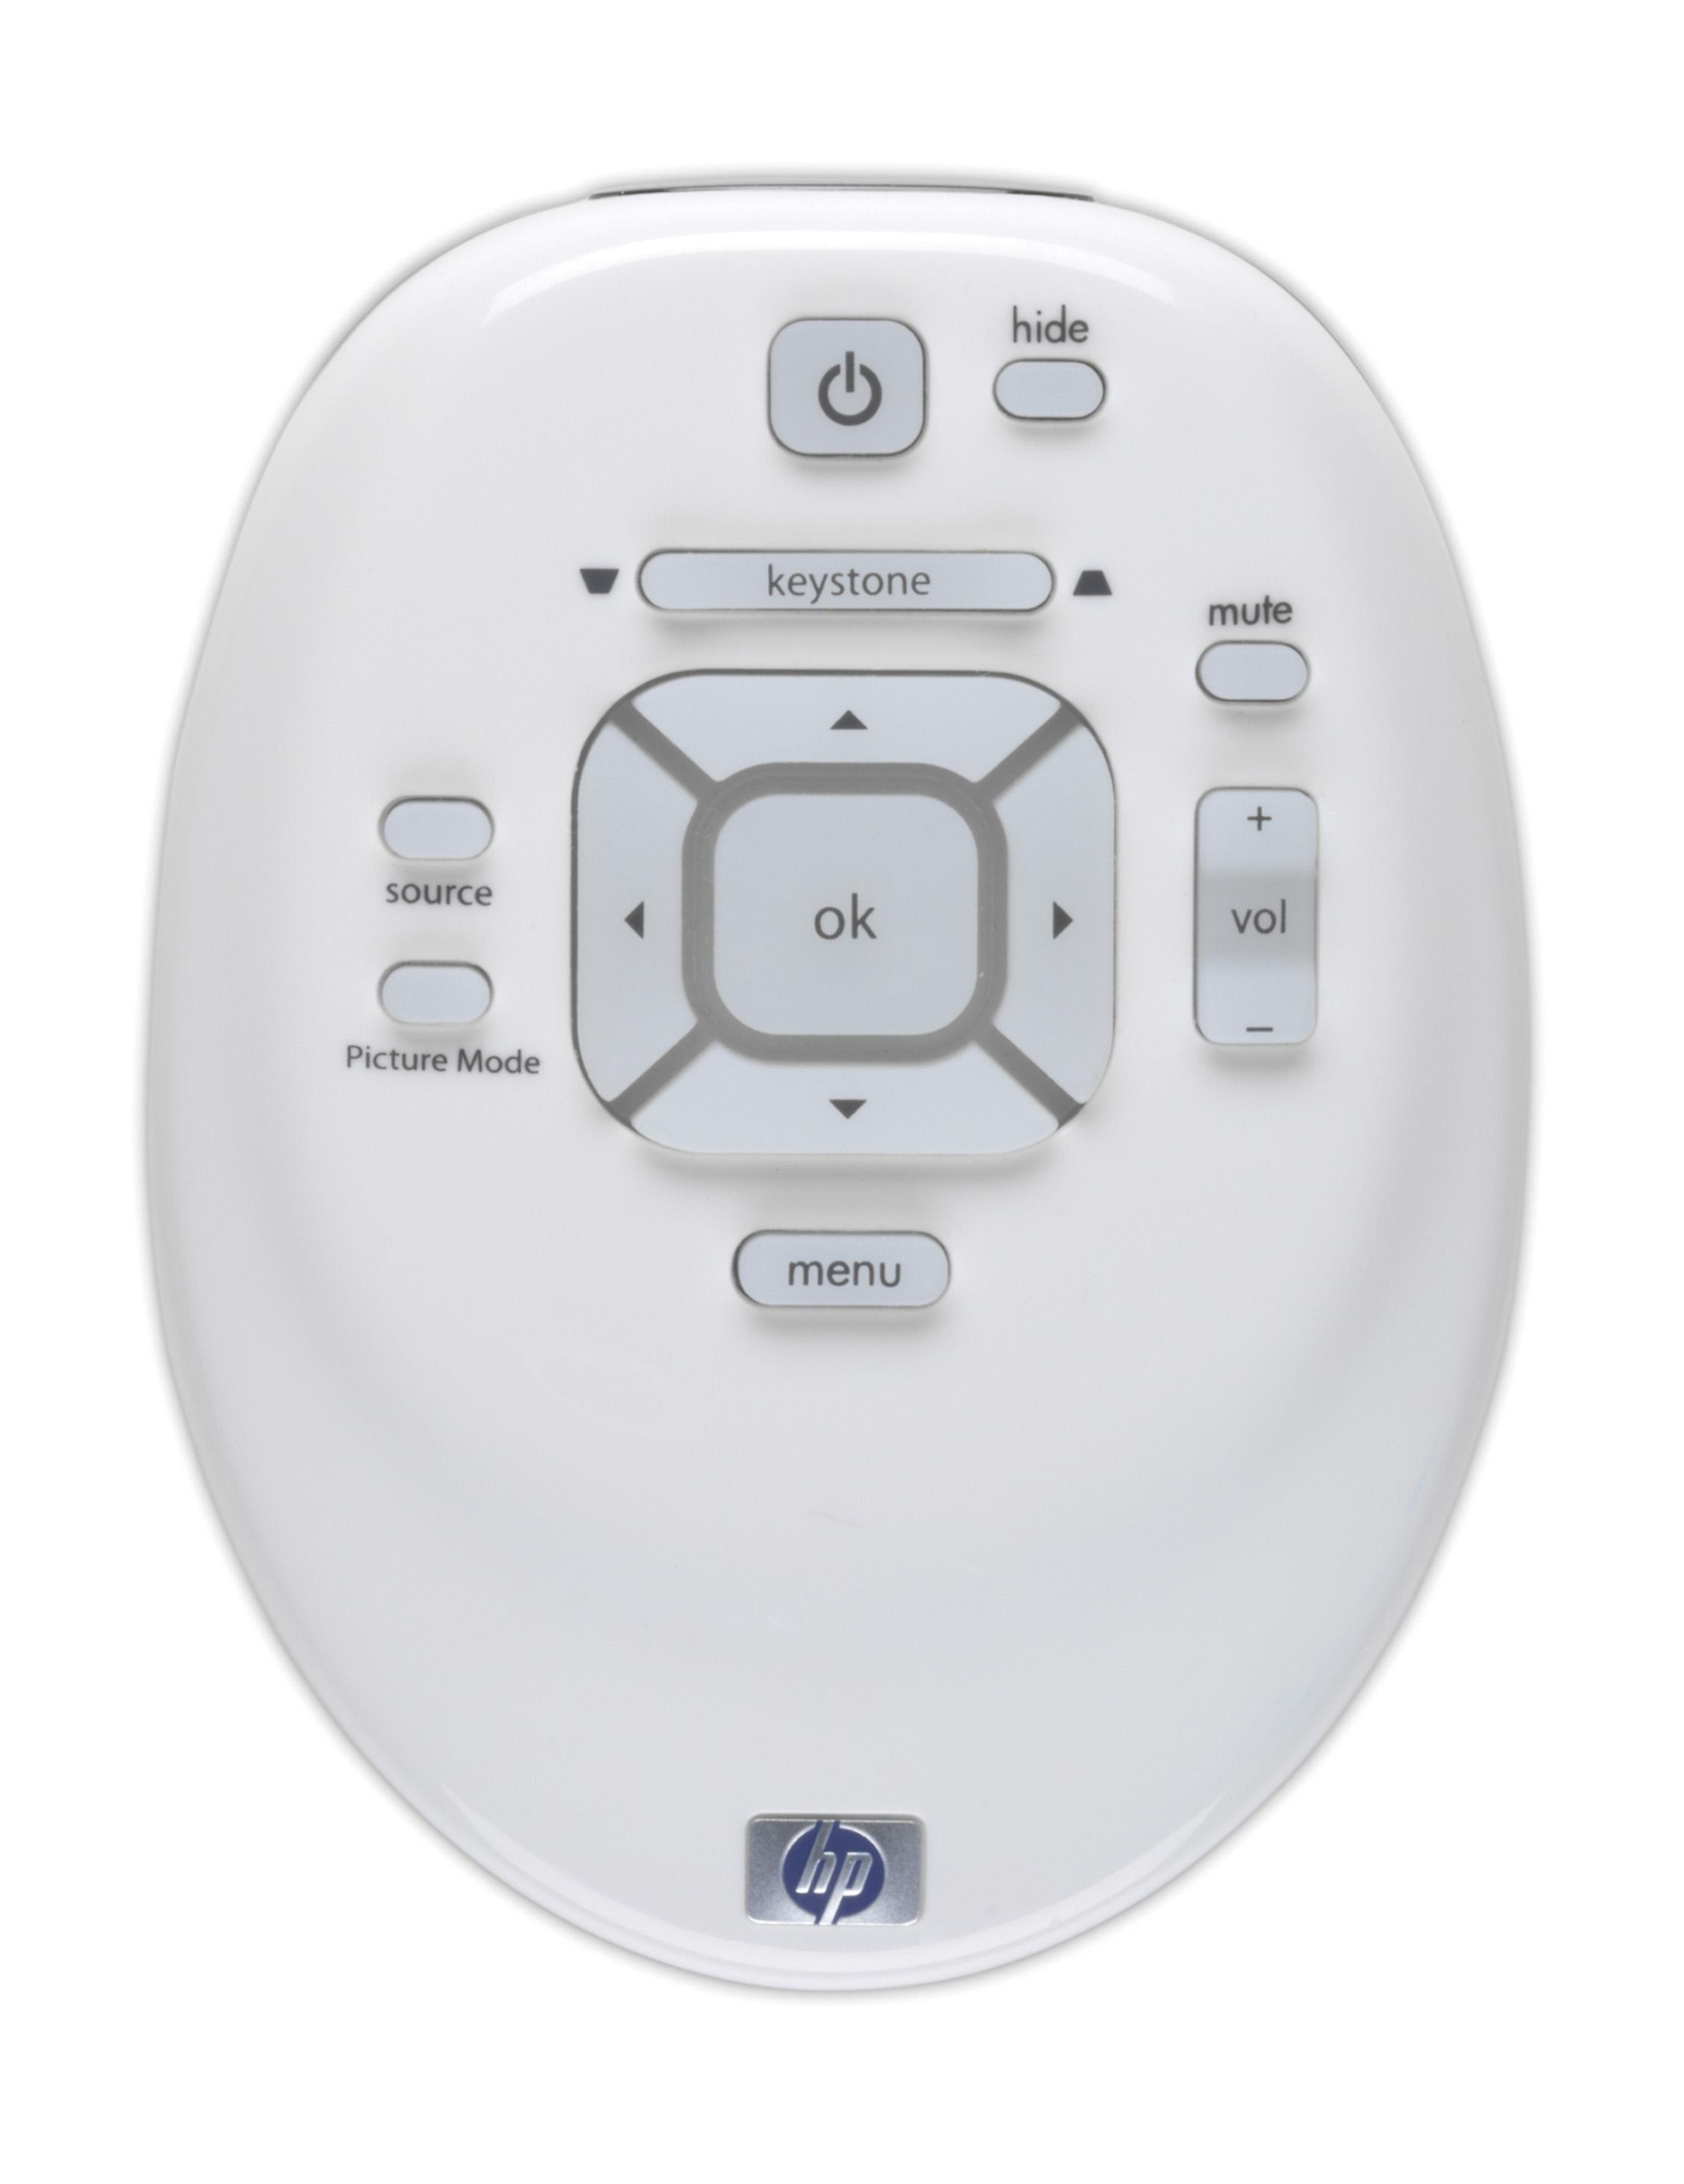 HP ep7100 Series Home Remote Control telecomando